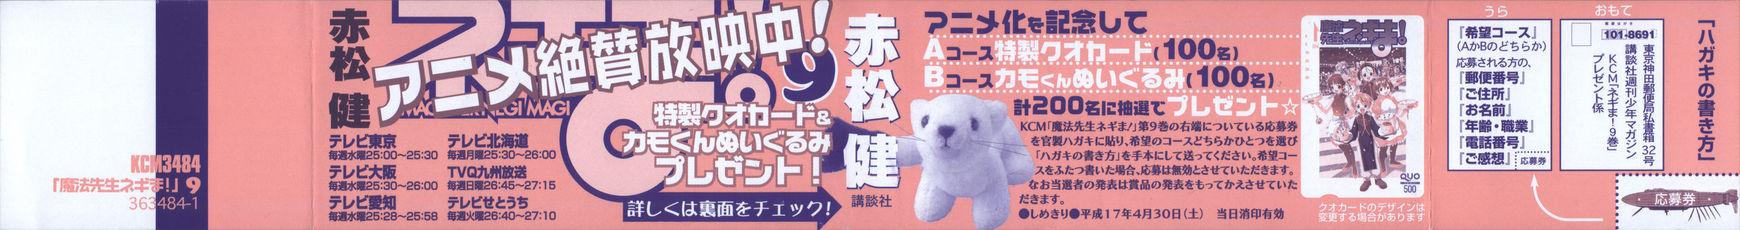 Mahou Sensei Negima! 72 Page 2